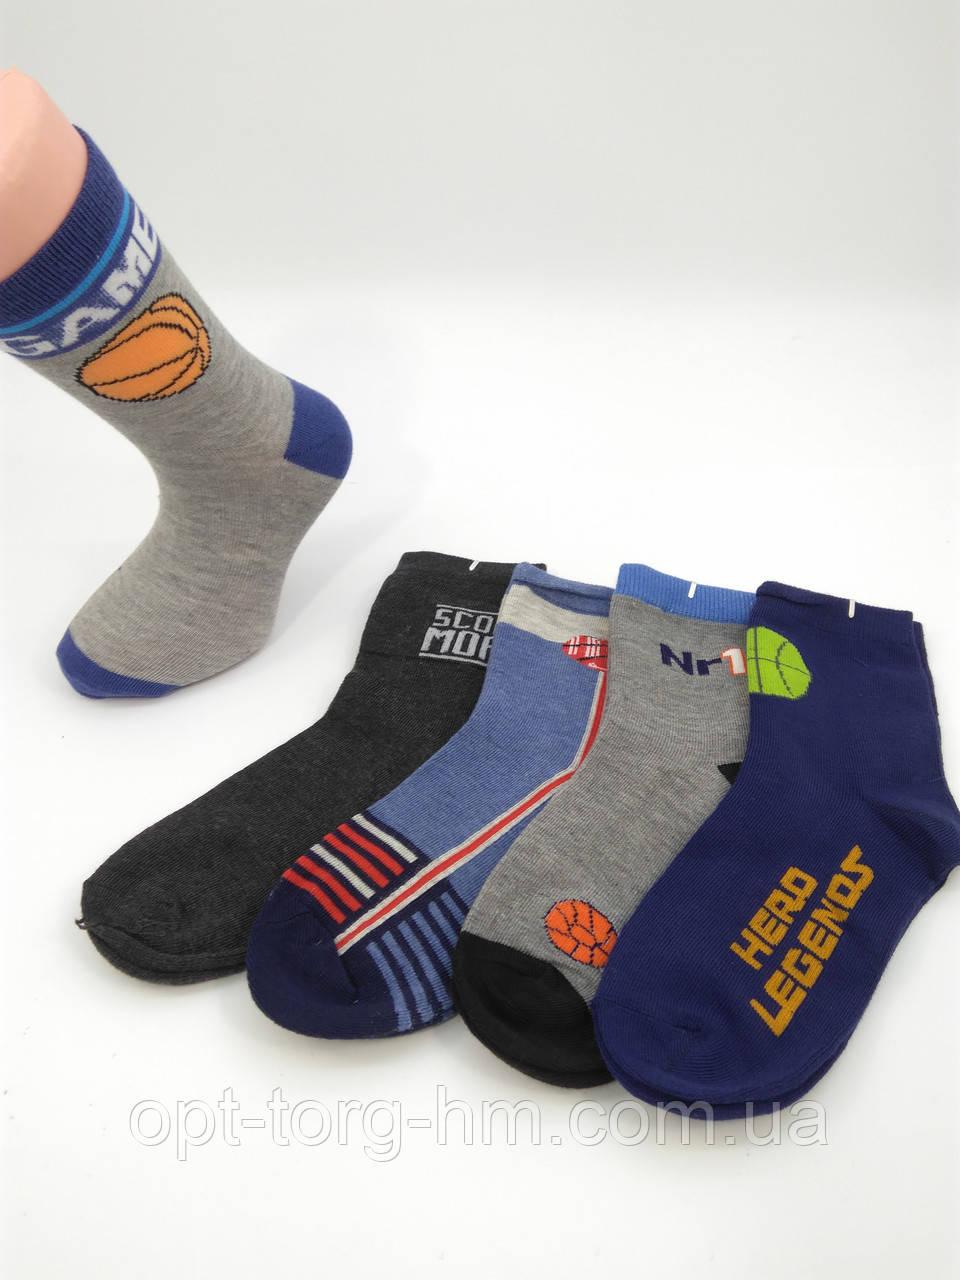 Xintao Подростковые носки 36-38 обувь